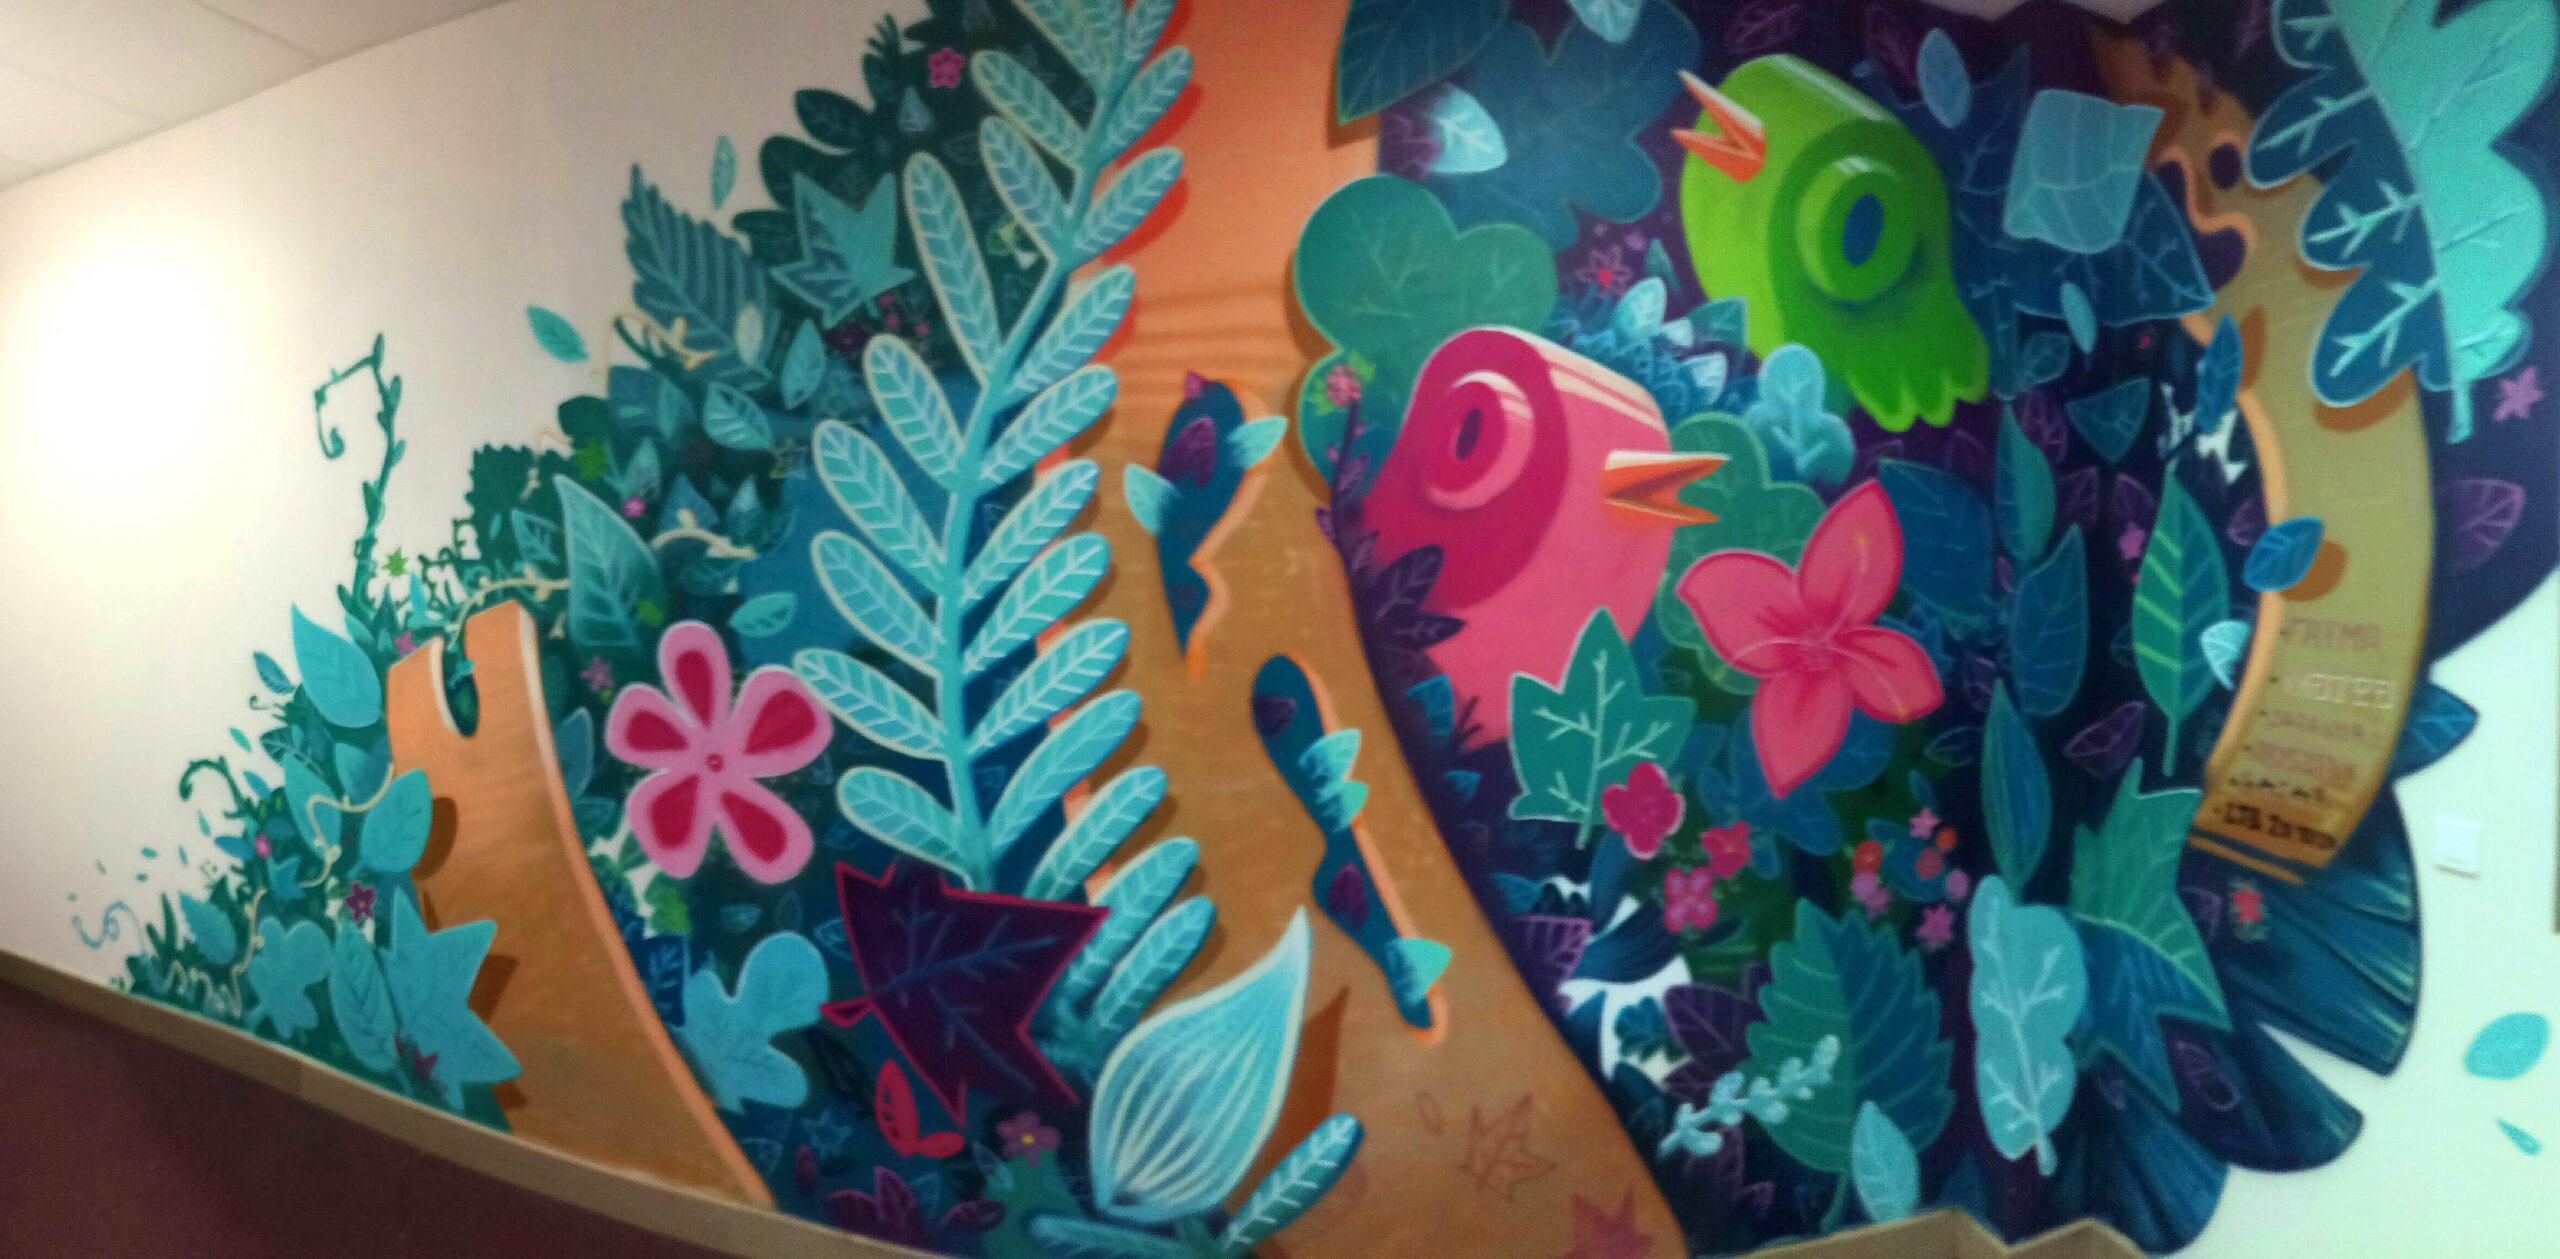 jacques-brel-deco-murale-abys - feuille nature organique peinture graffiti streetart lyon venissieux